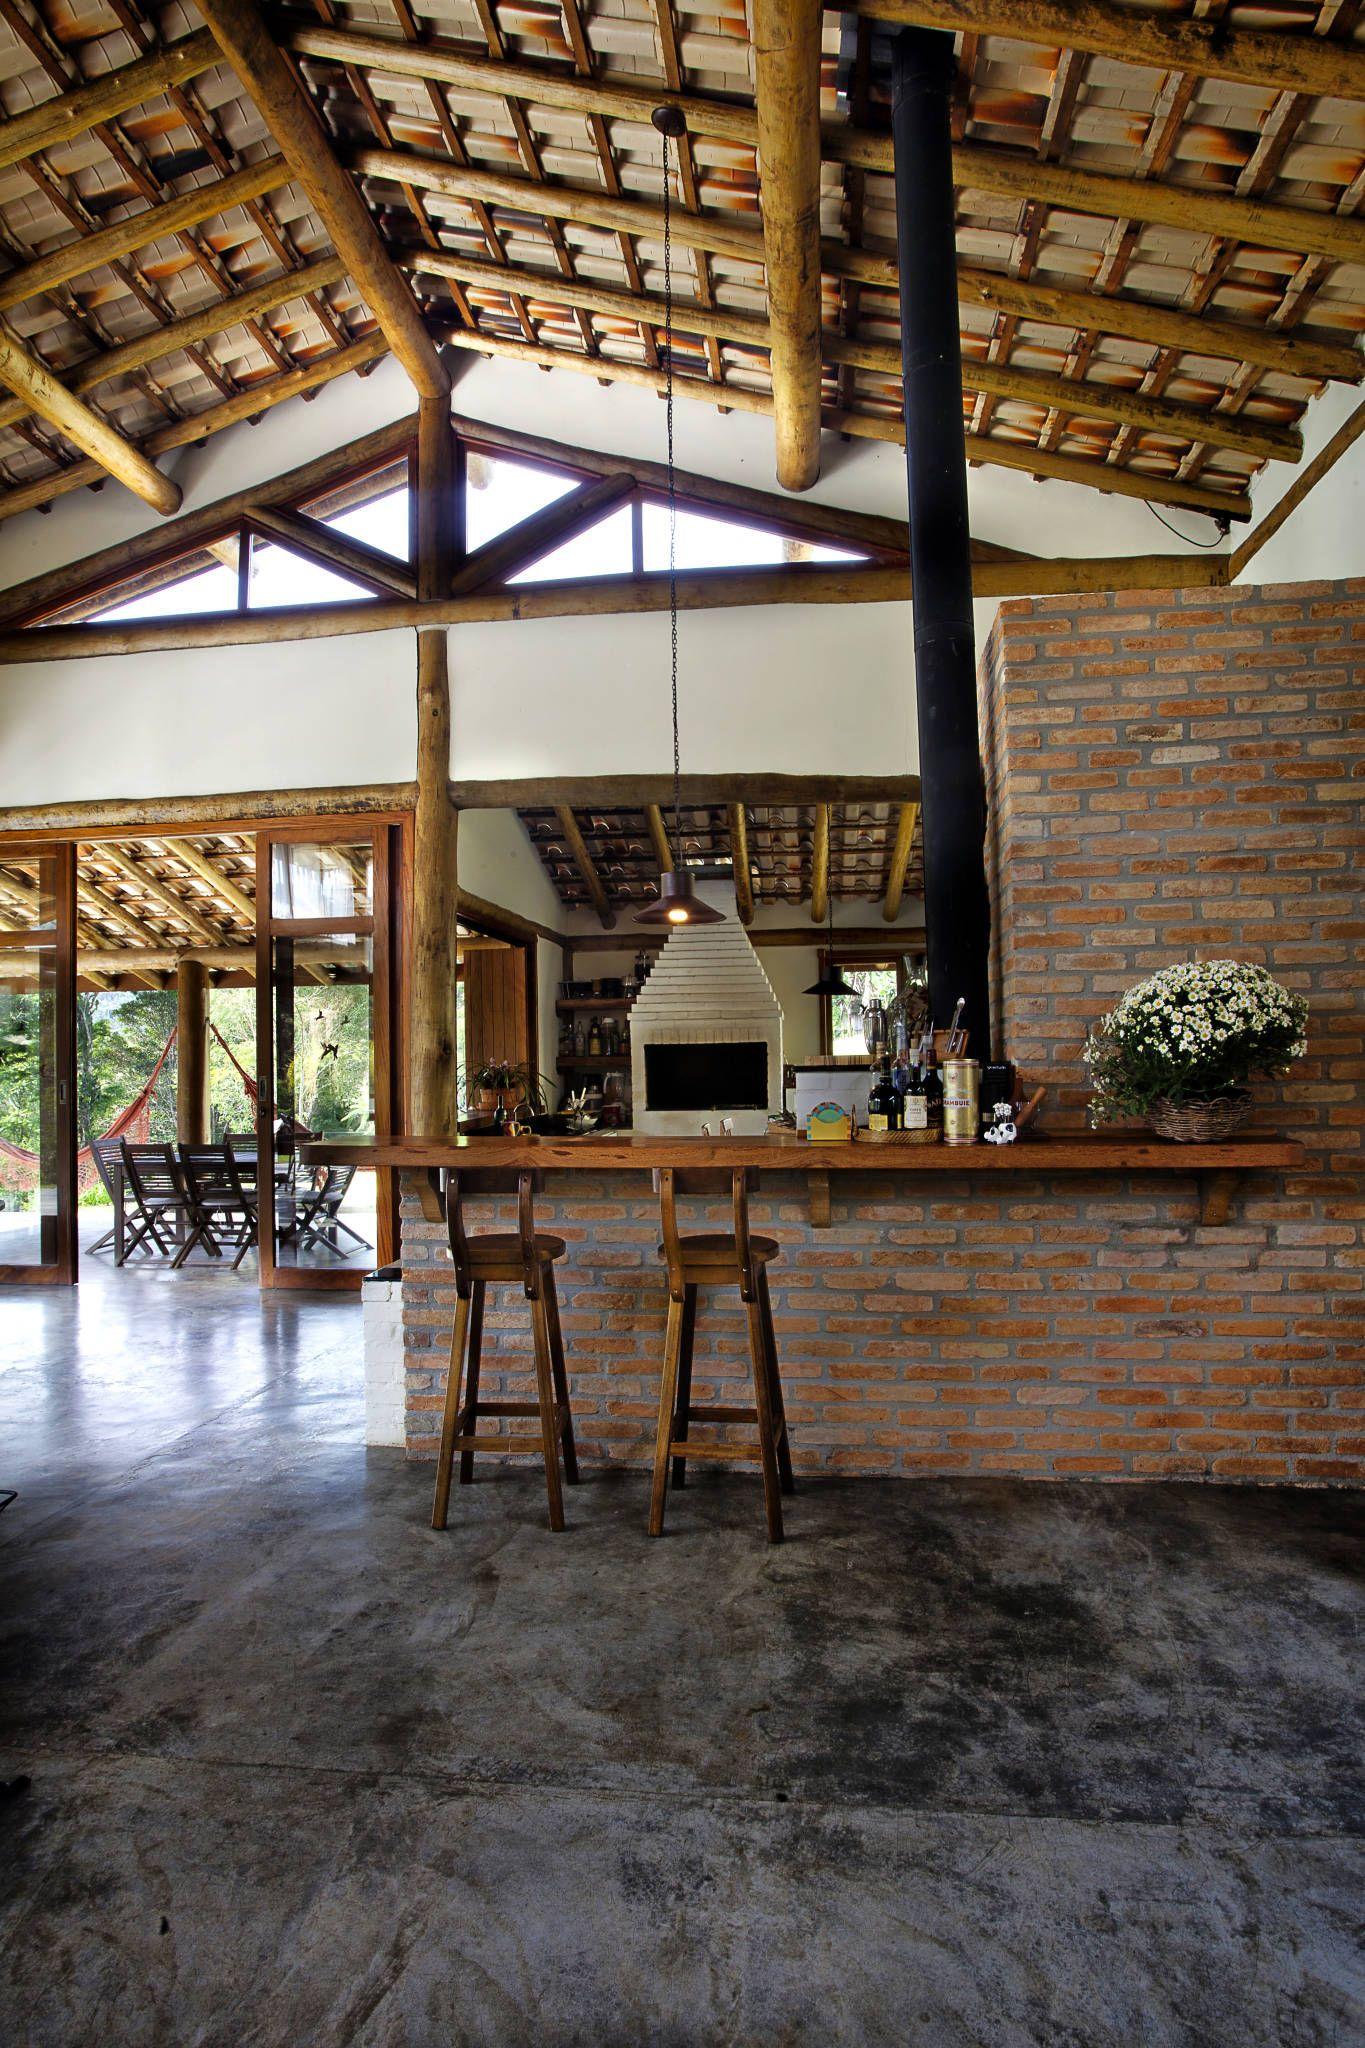 Fotos de decora o design de interiores e reformas - Fotos casas rusticas ...